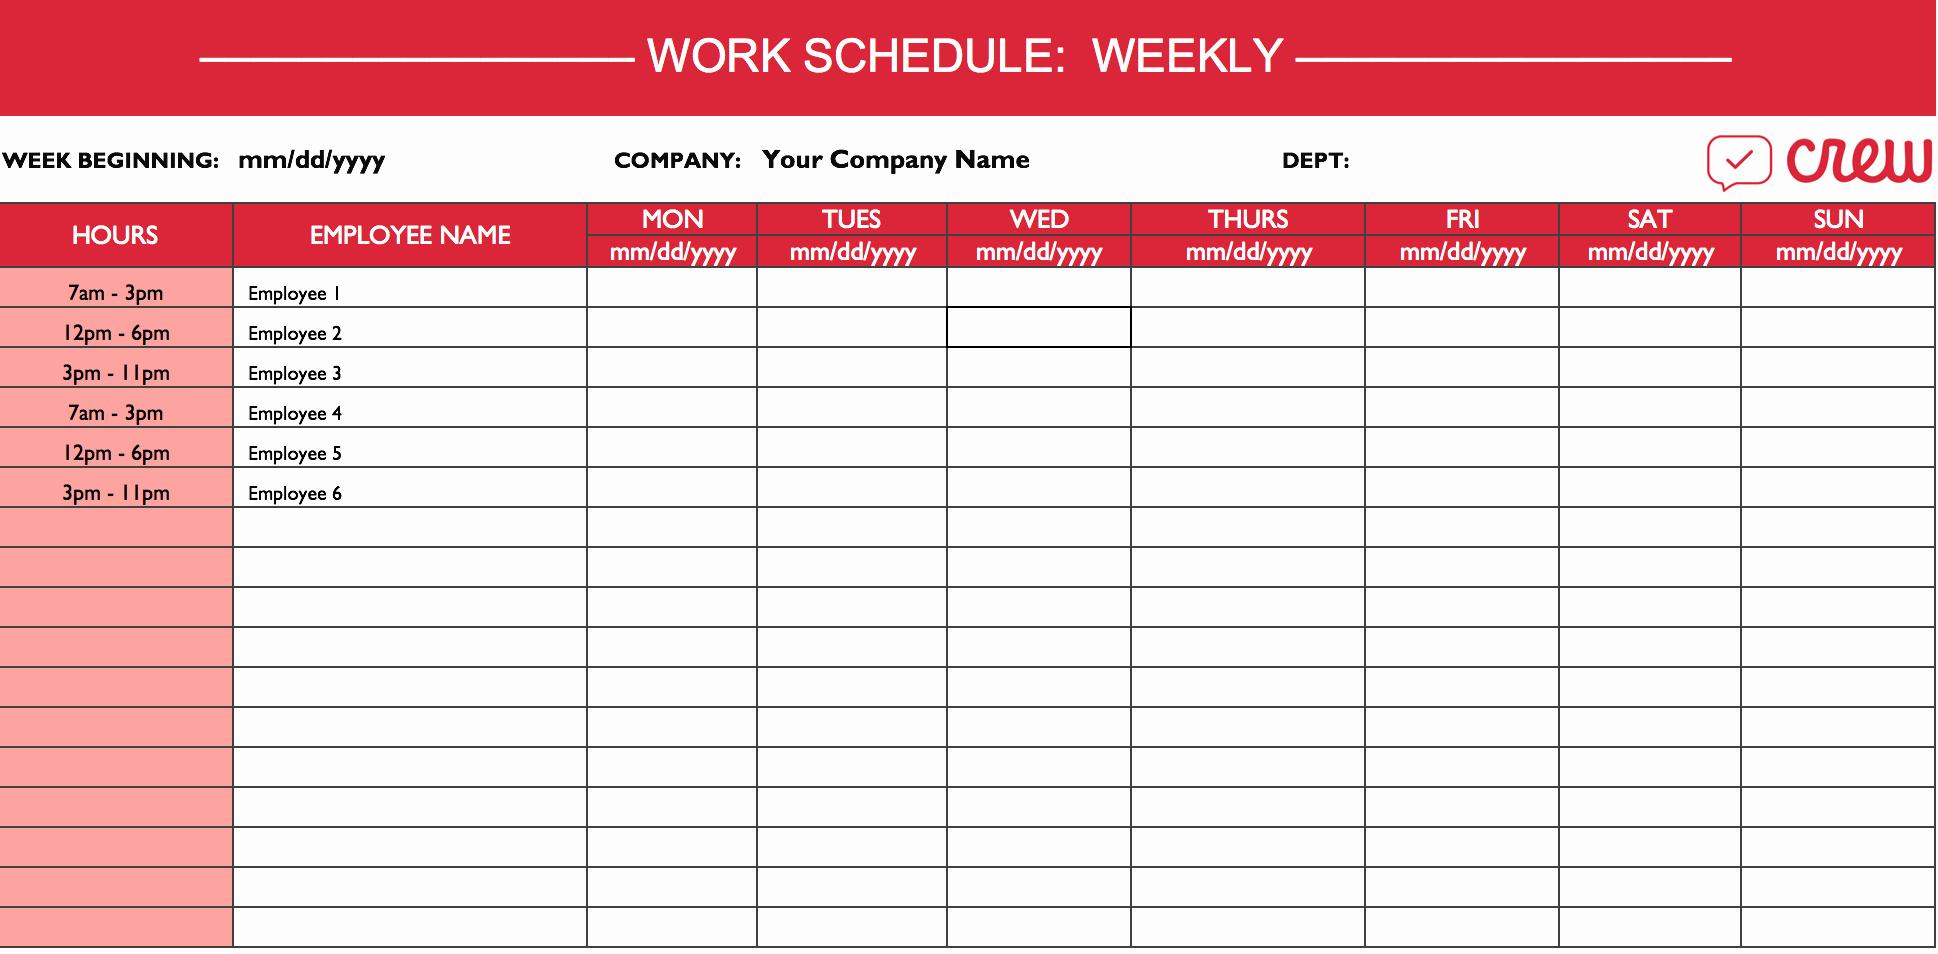 Weekly Employee Schedule Template Excel Best Of Weekly Work Schedule Template I Crew